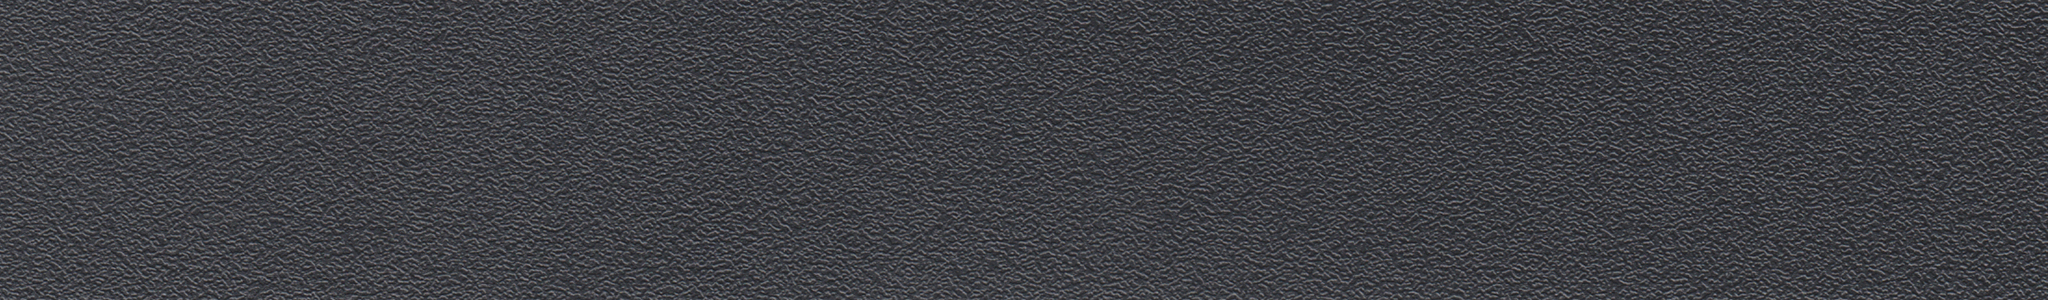 HU 191200 Кромка ABS Вулканический Черный - Шагрень XG